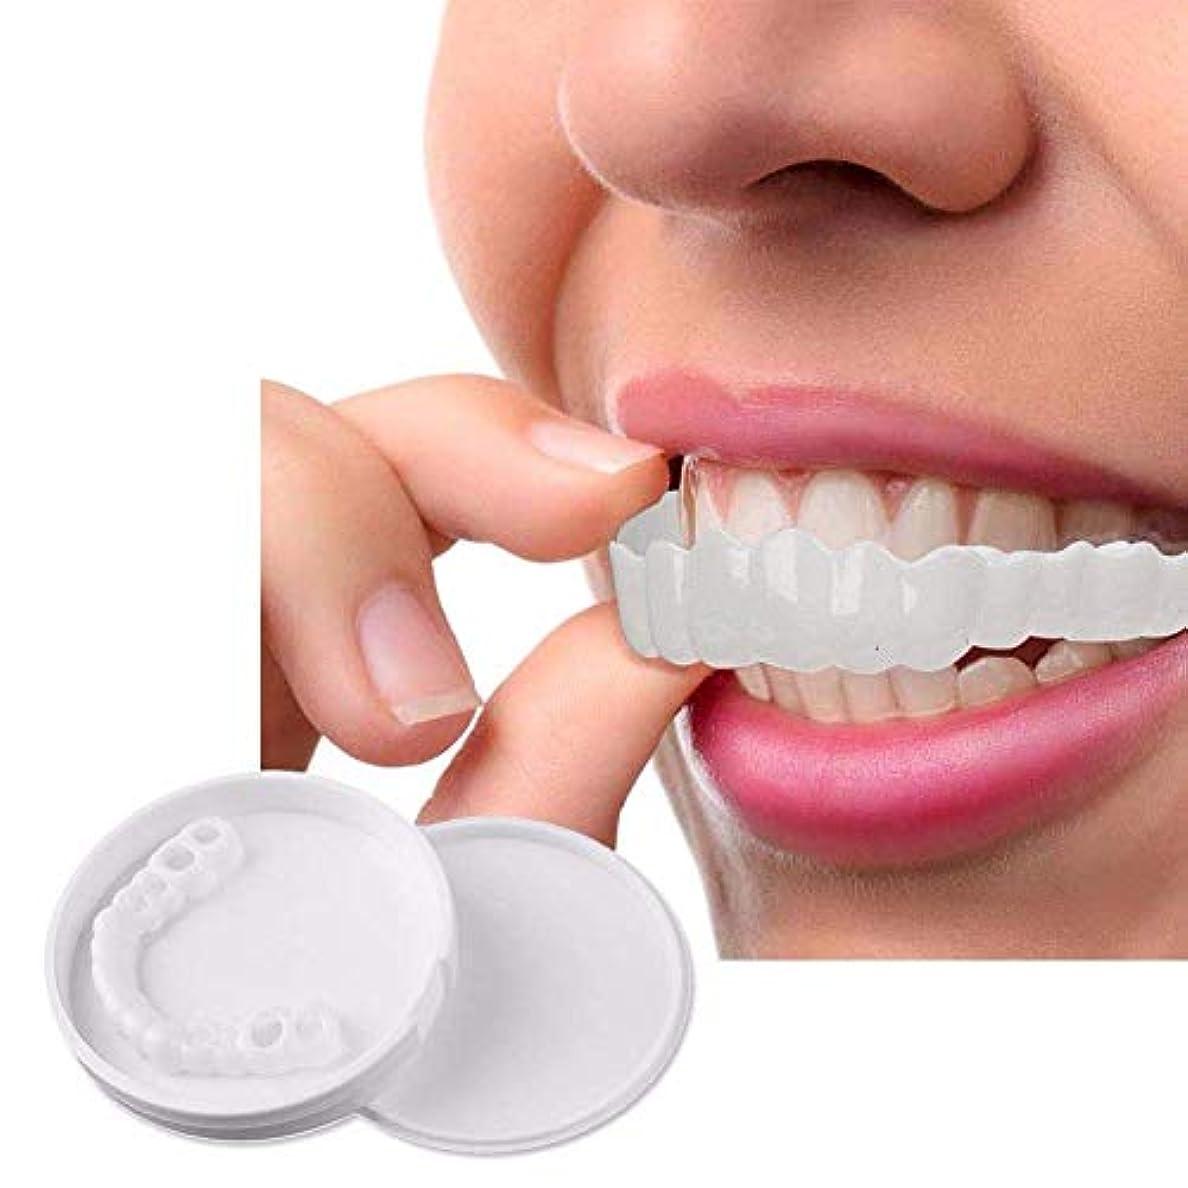 忌まわしいミケランジェロ矛盾する10ピースホワイトニングスナップオンスマイルパーフェクトスマイルフィット最も快適な義歯ケア入れ歯歯科カバーでボックス,Upperteeth10Pcs